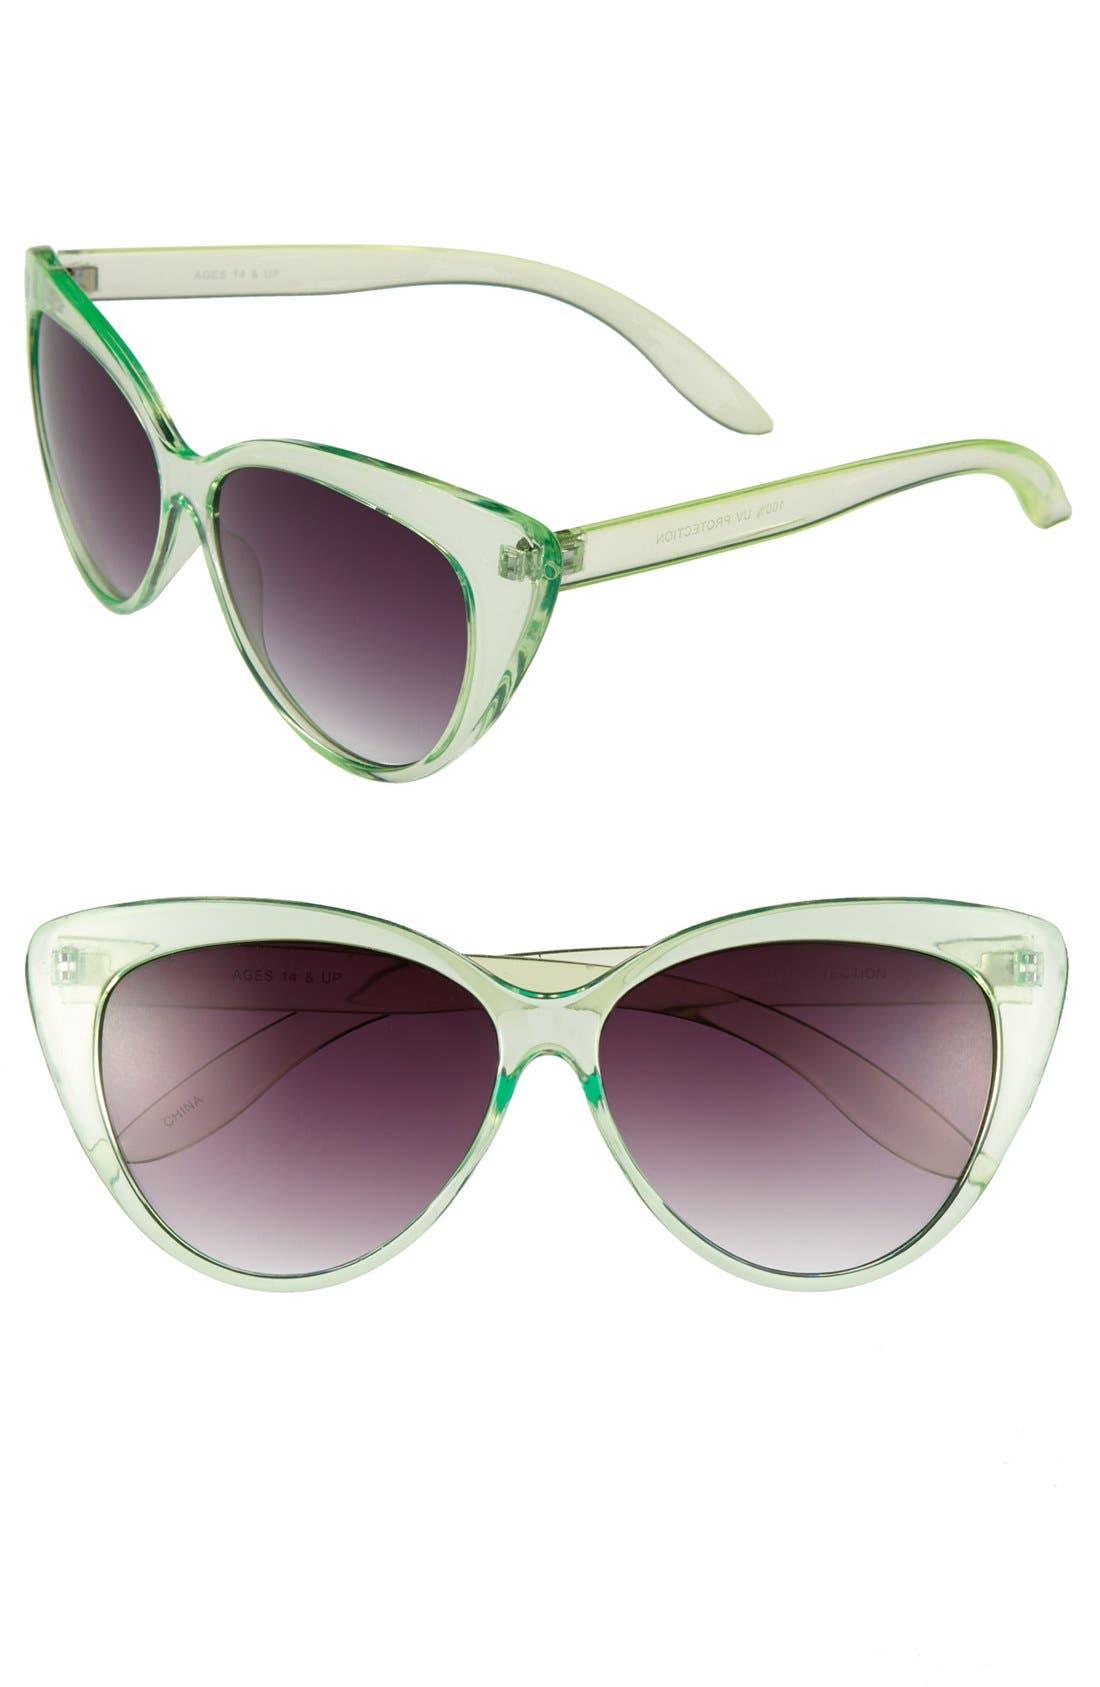 Alternate Image 1 Selected - FE NY 'Cleopatra' Sunglasses